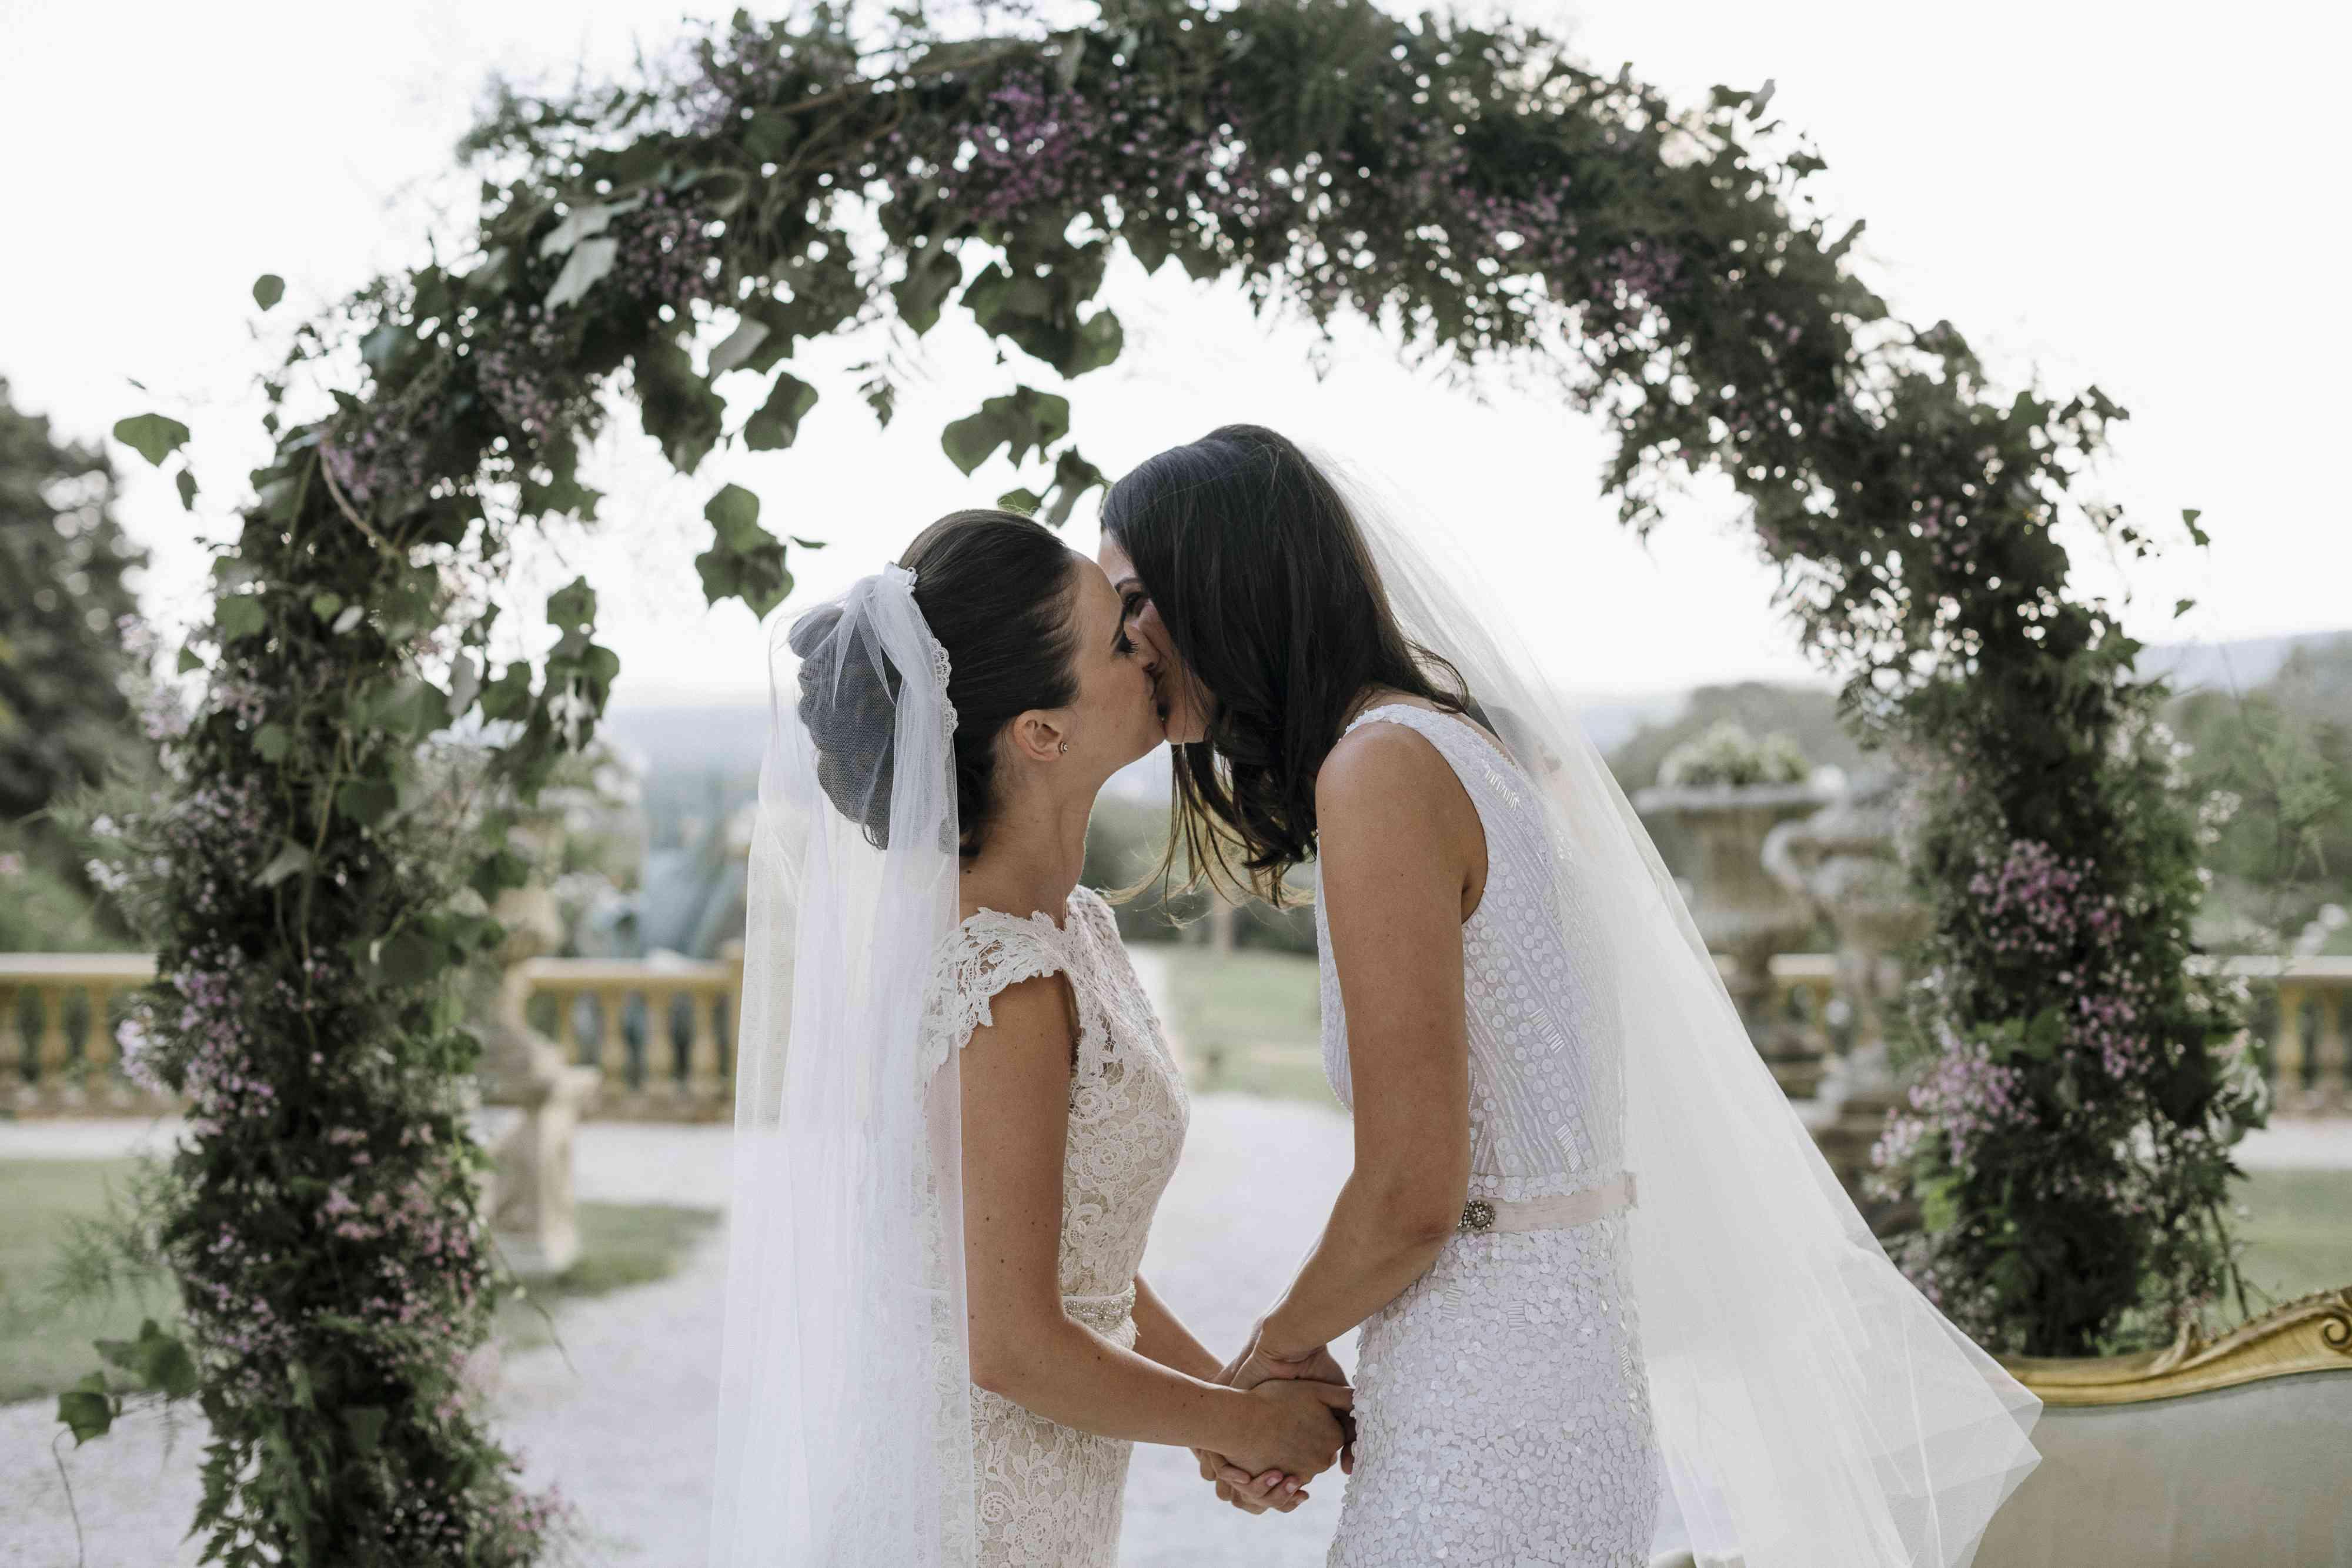 <p>brides kissing wedding ceremony</p><br><br>